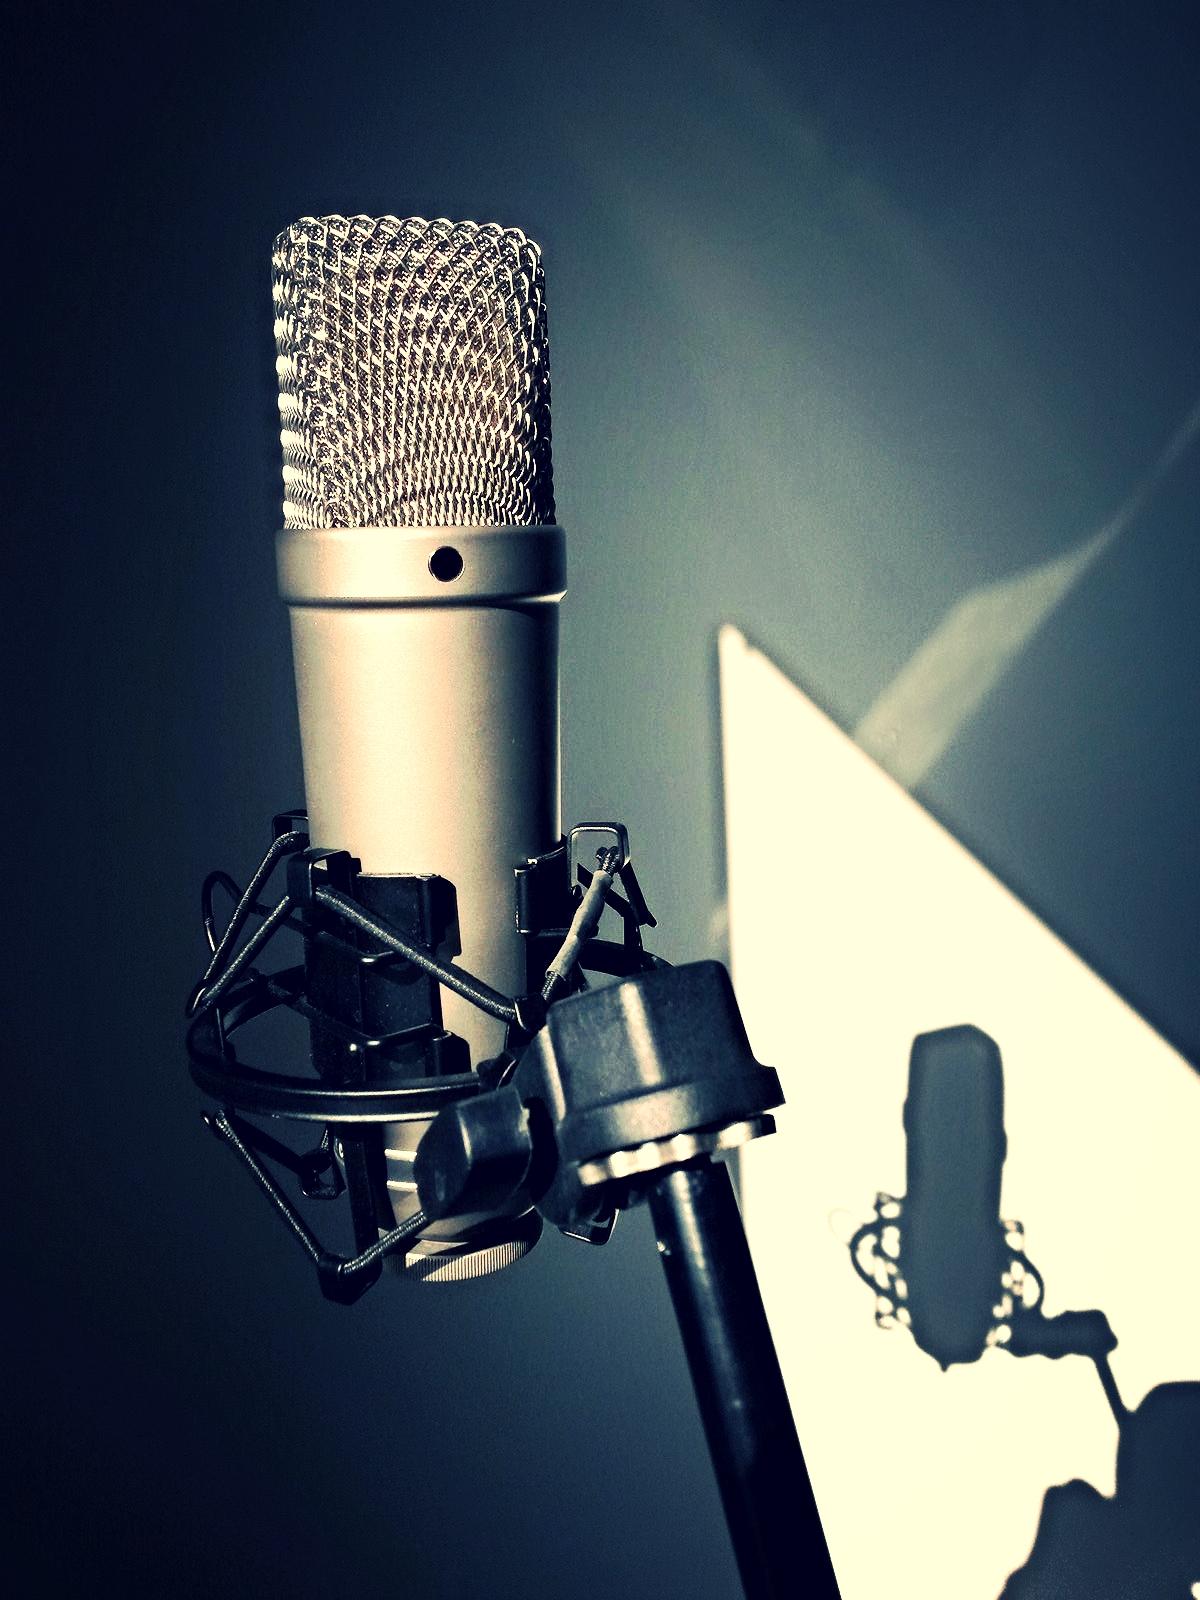 Indien u een interview wilt afnemen of een artikel schrijven met daarin onze visie dan is het mediabeleid van MusicaJuridica van toepassing.